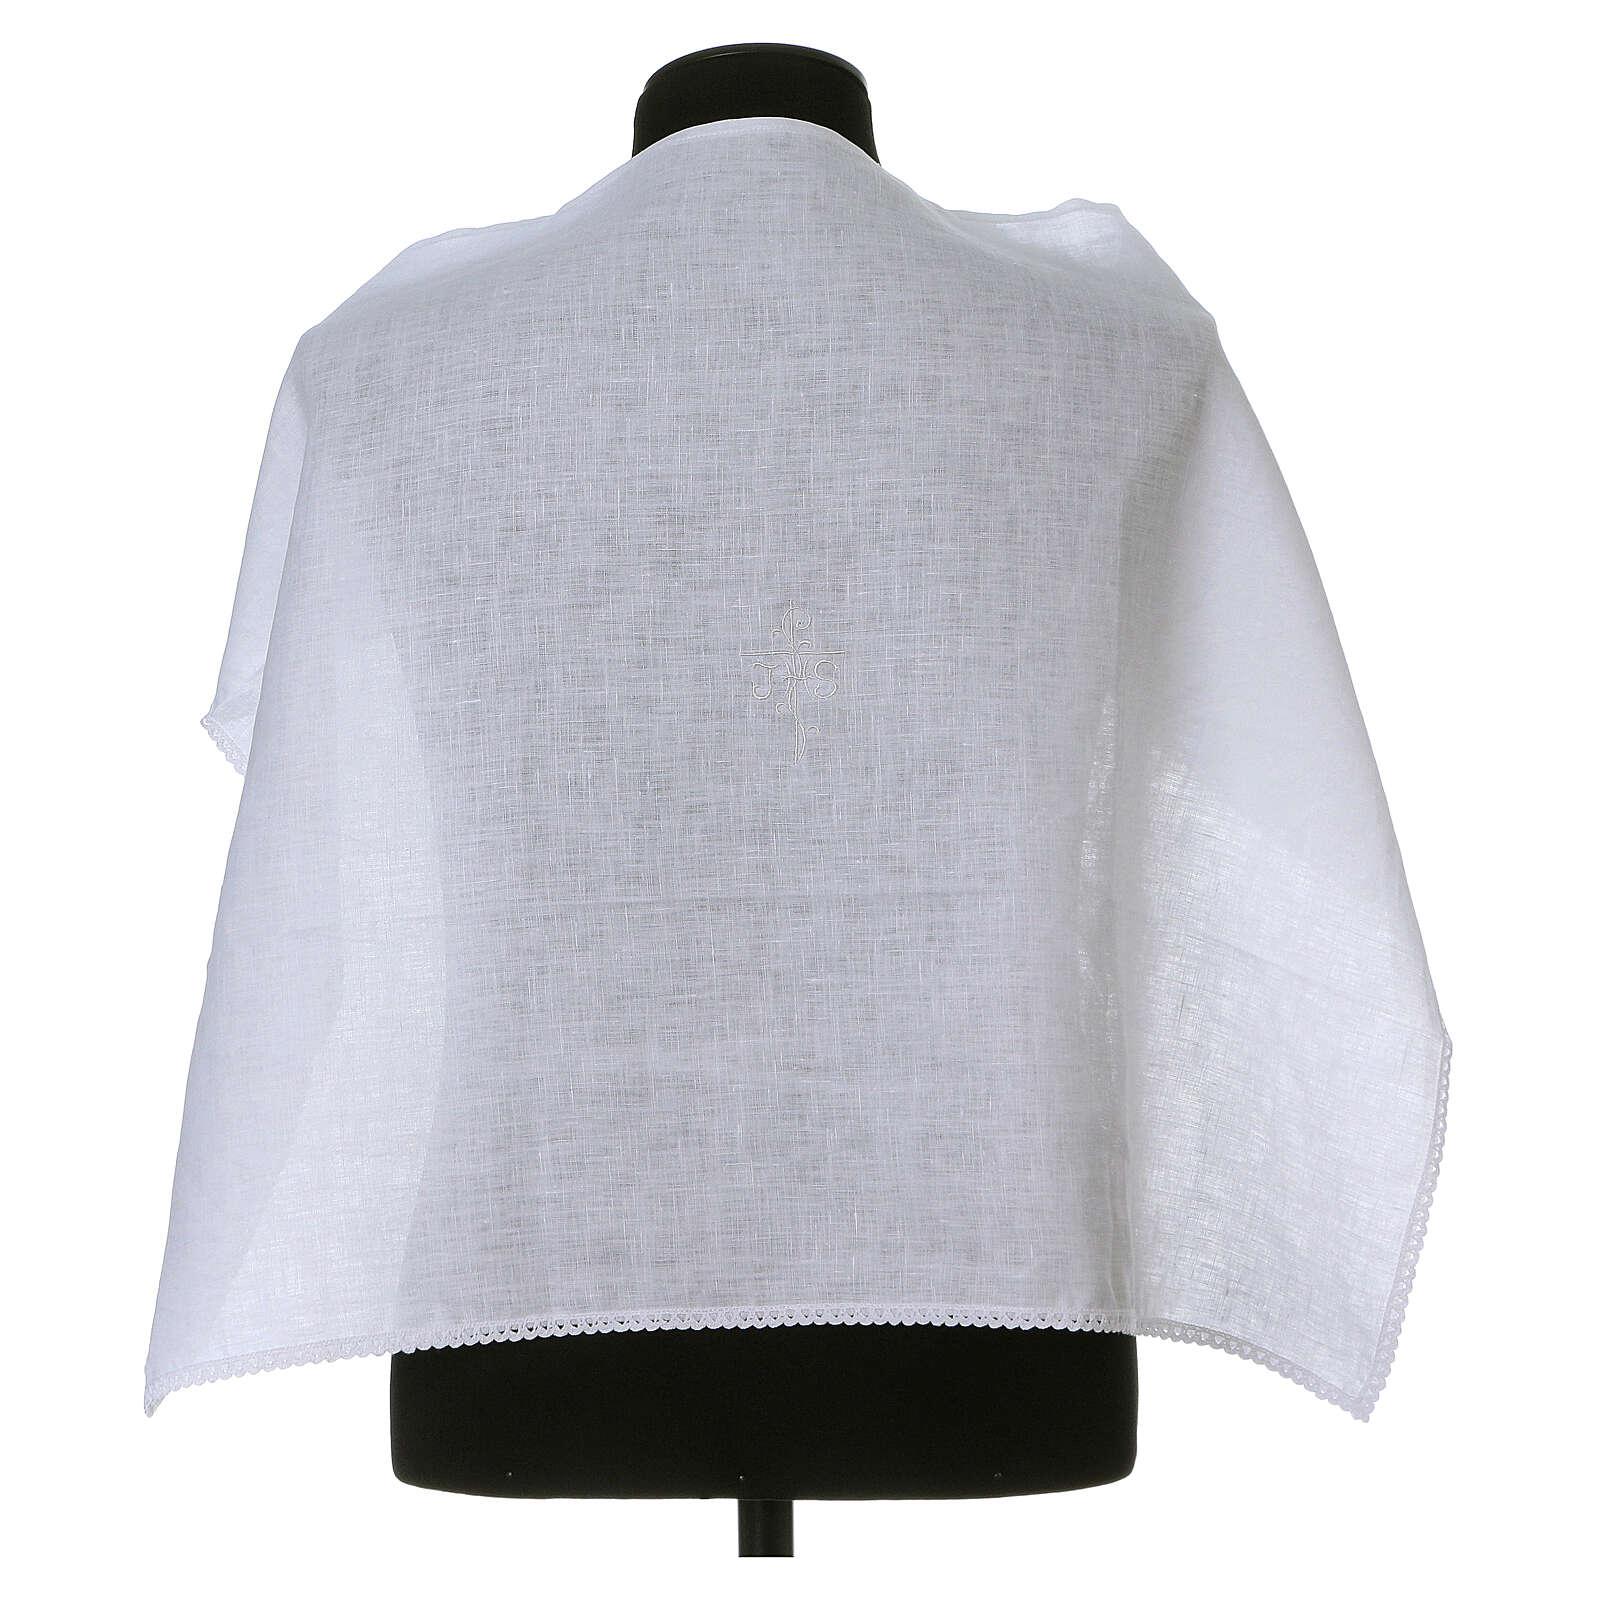 Amitto bianco puro lino con ricamo croce JHS bianco 4